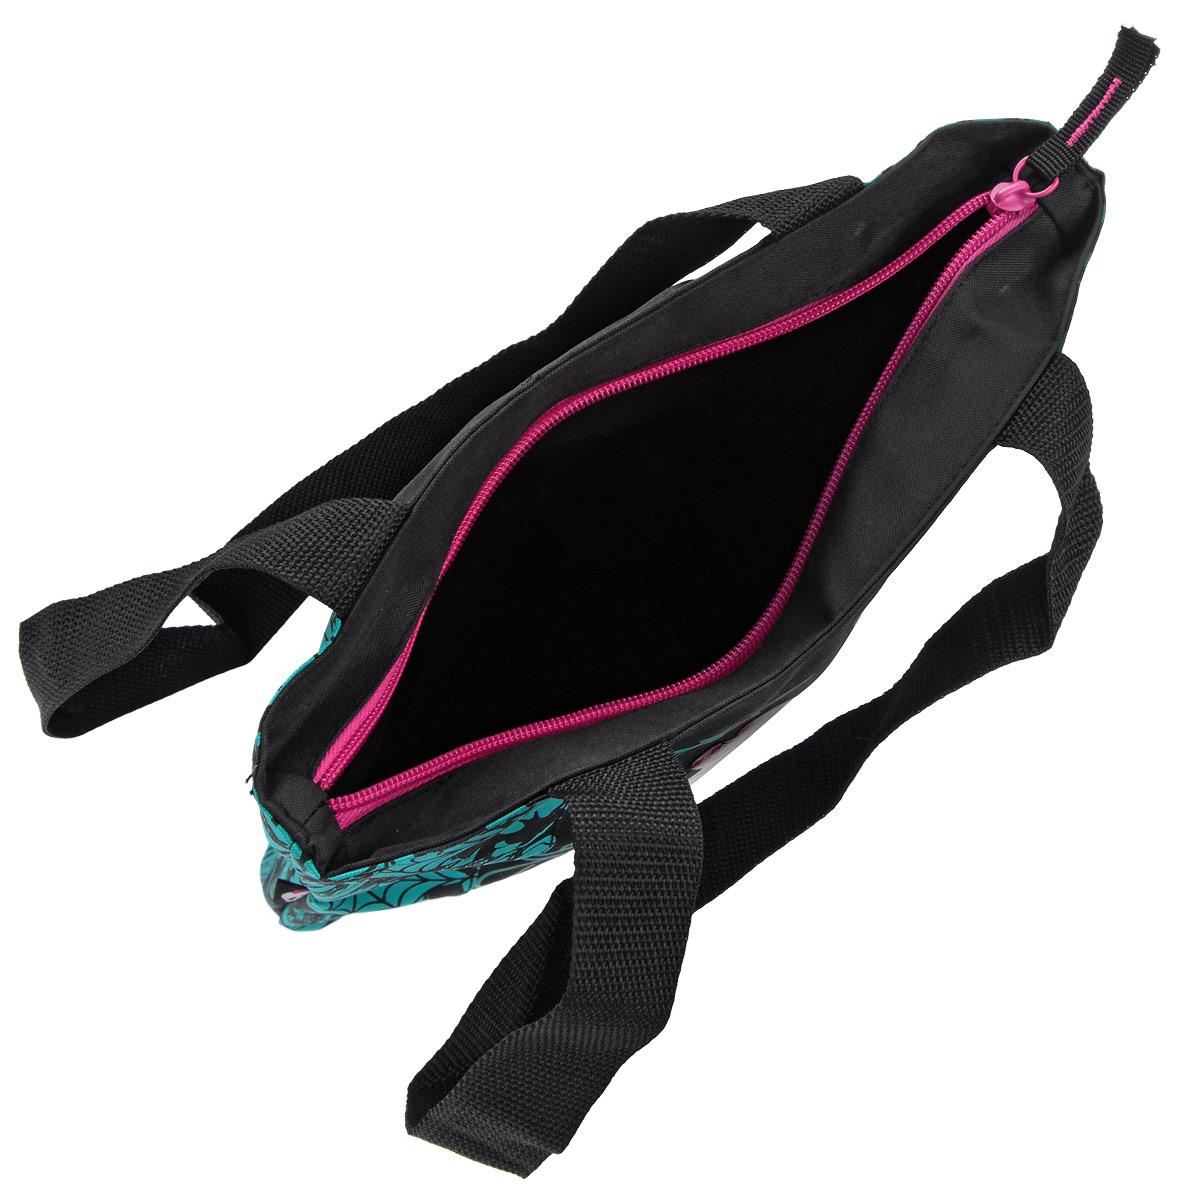 Эффектная детская сумка Monster High обязательно понравится вашему ребенку. Сумочка выполнена из легкого текстильного материала и украшена ярким принтом с изображением героев одноименного популярного мультсериала. Сумка имеет одно большое внутреннее отделение, которое застегивается на молнию. Внутри находится небольшой вшитый карман на молнии. Яркую сумку с длинными текстильными ручками можно носить как в руках, так и на плече.